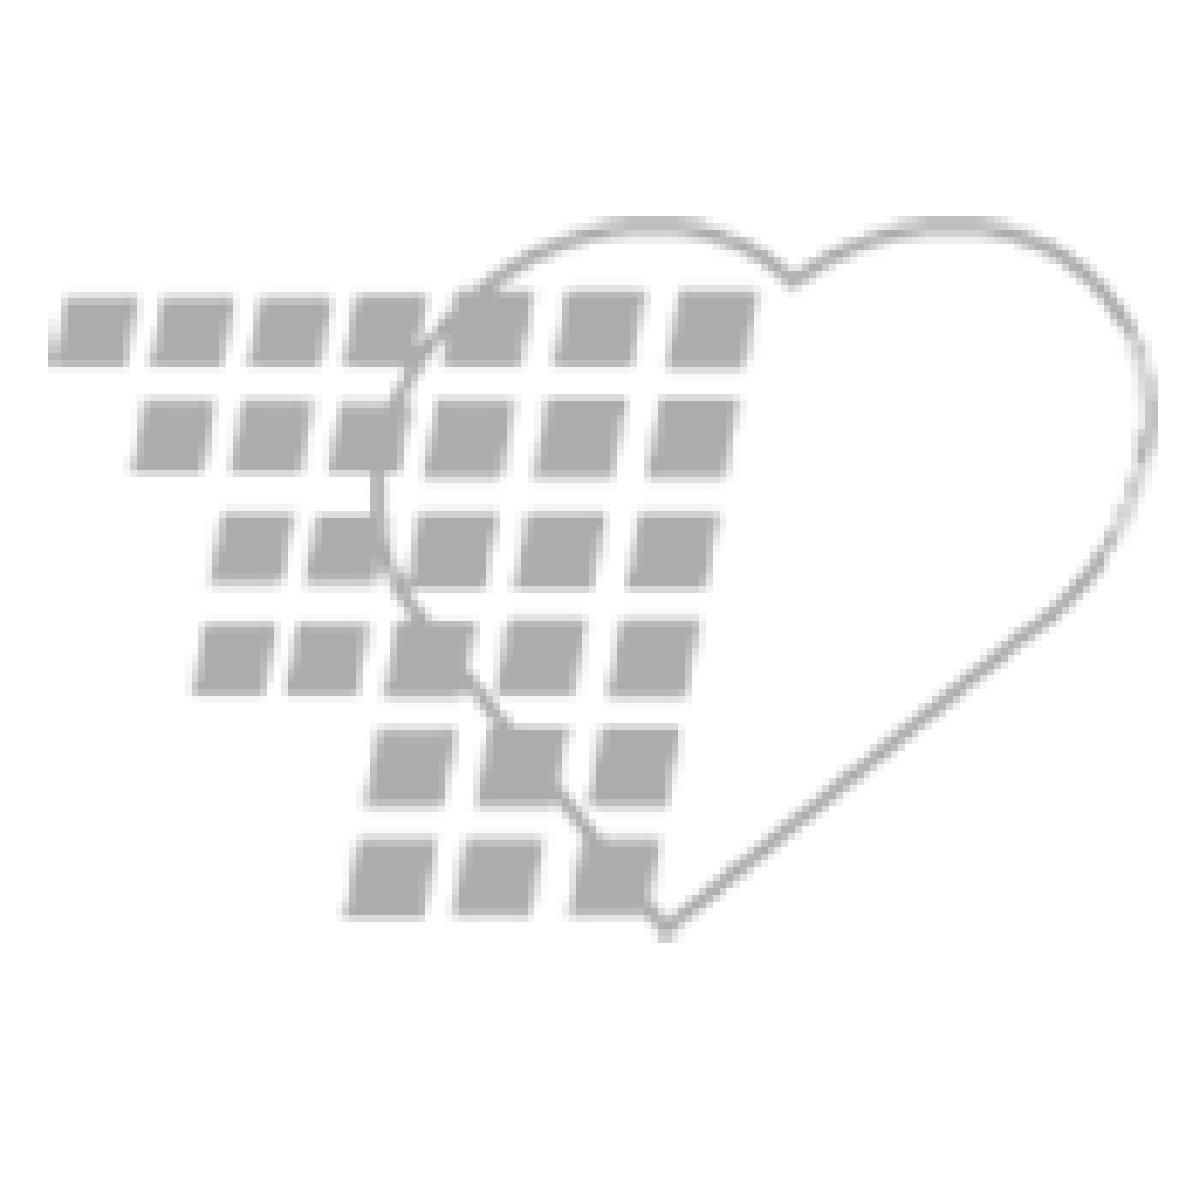 11-81-0233-WH Laerdal MamaNatalie® Birthing Simulator